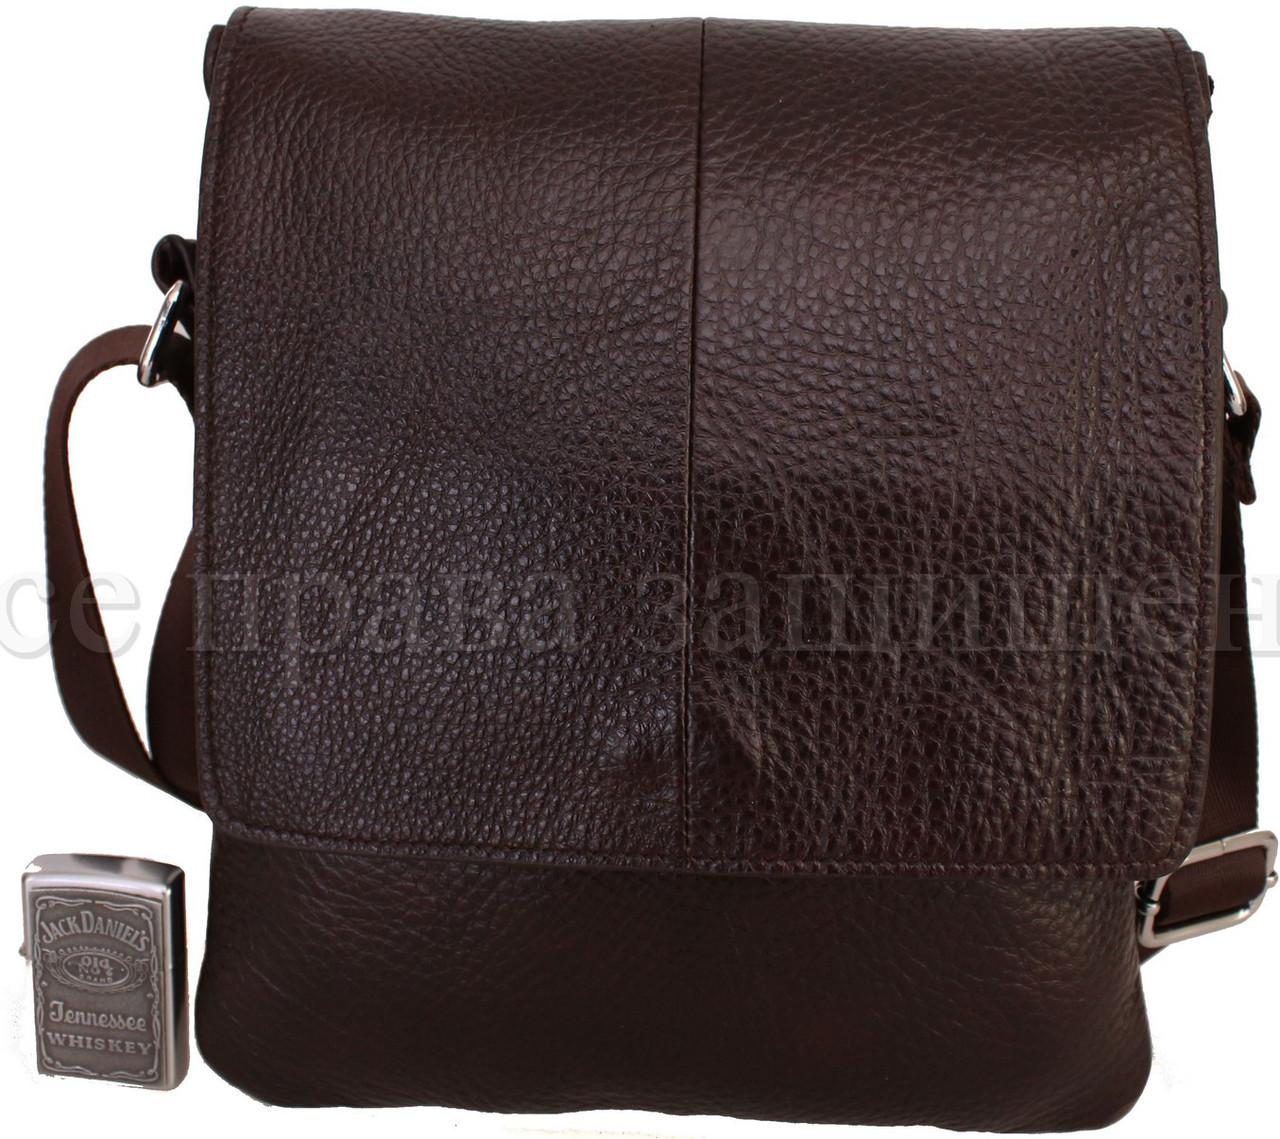 Мужская кожаная сумка через плечо коричневый (Формат: больше А5) NAVI-BAGS 0816-brown